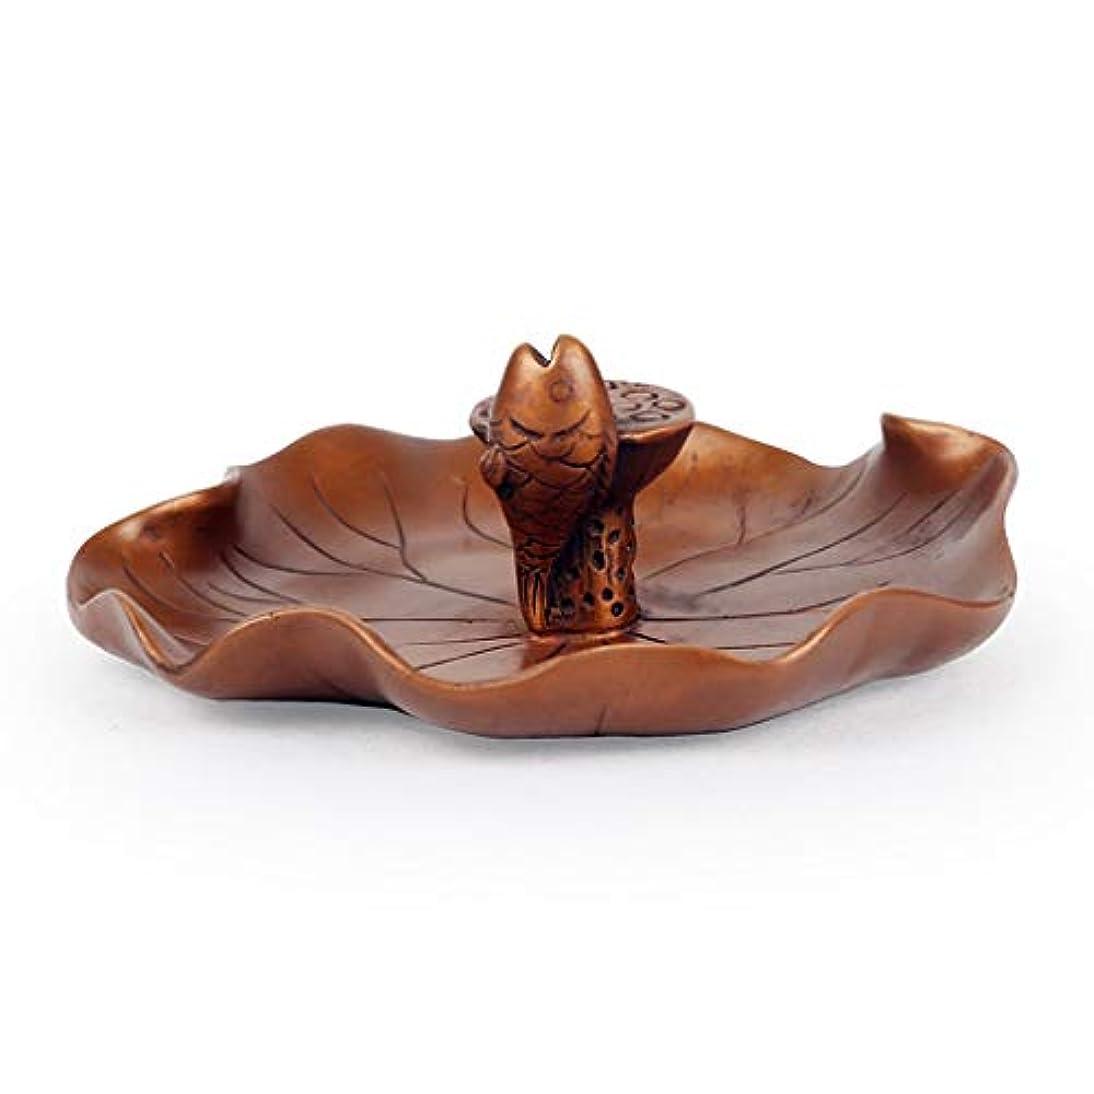 確かに甘やかすマークされたホームアロマバーナー 還流香炉ホーム香りの良い禅禅ラッキー鑑賞新しいクリエイティブアガーウッド香バーナー装飾 アロマバーナー (Color : Brass)